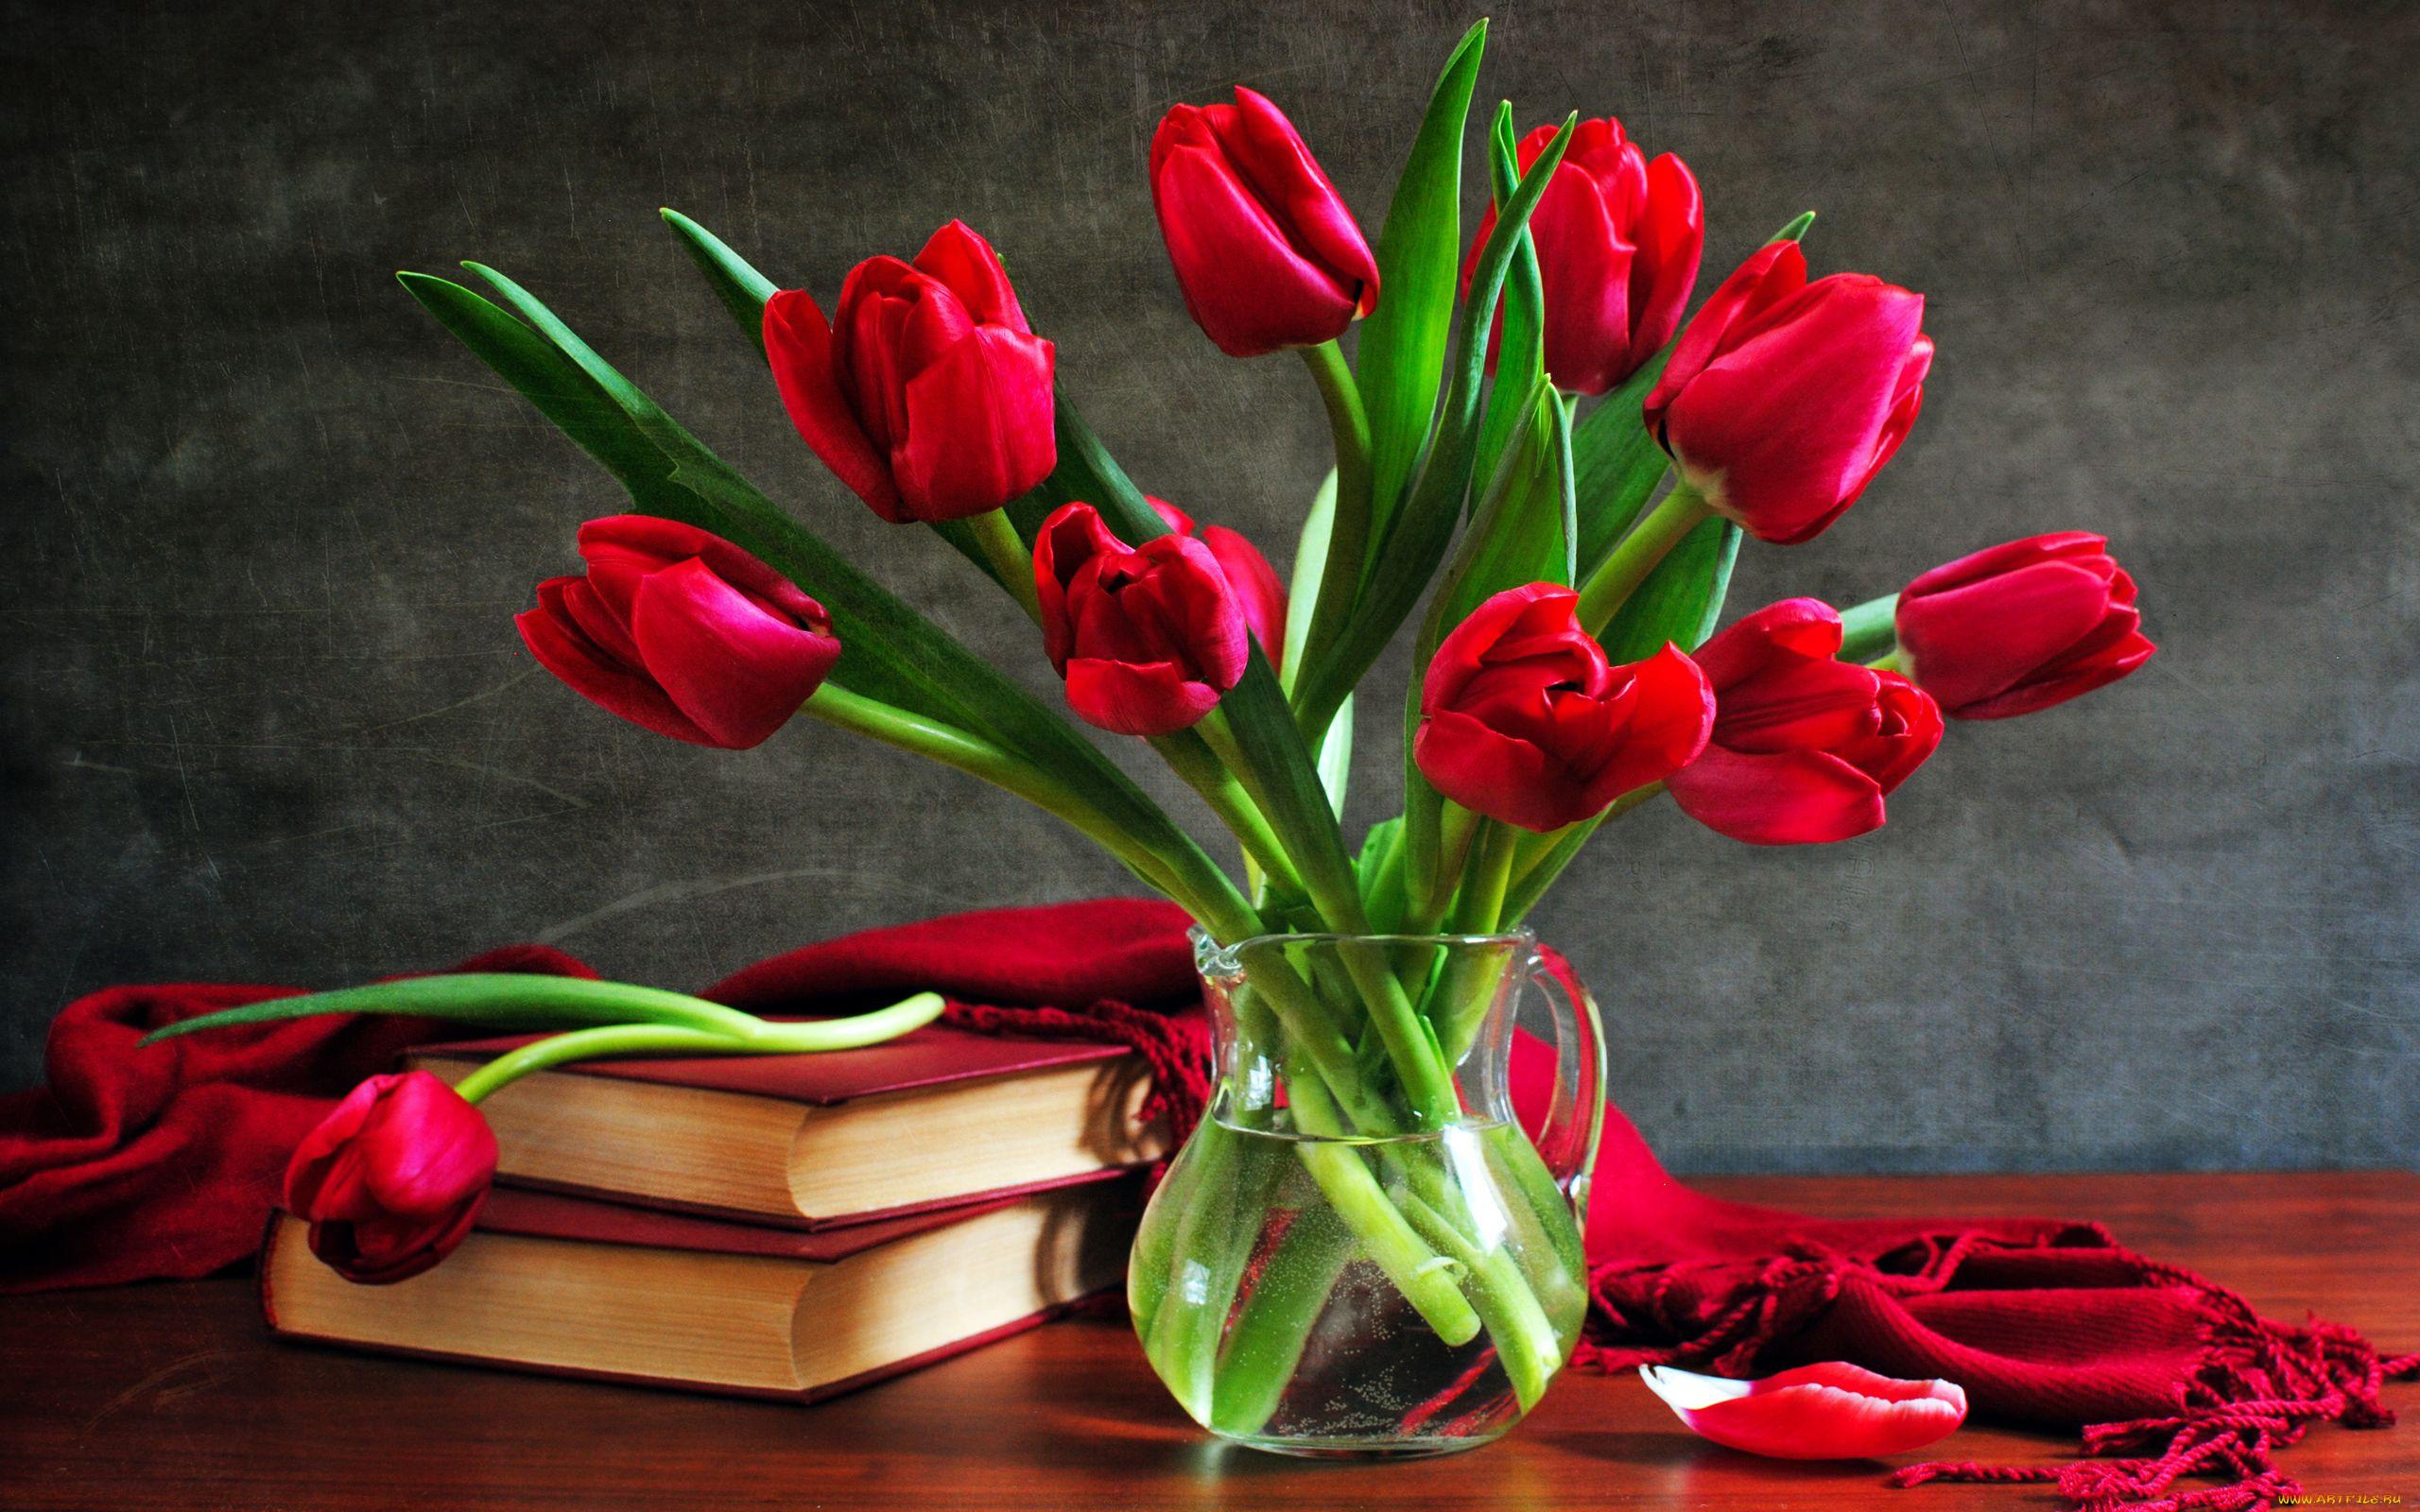 самые красивые картинки про цветы можно